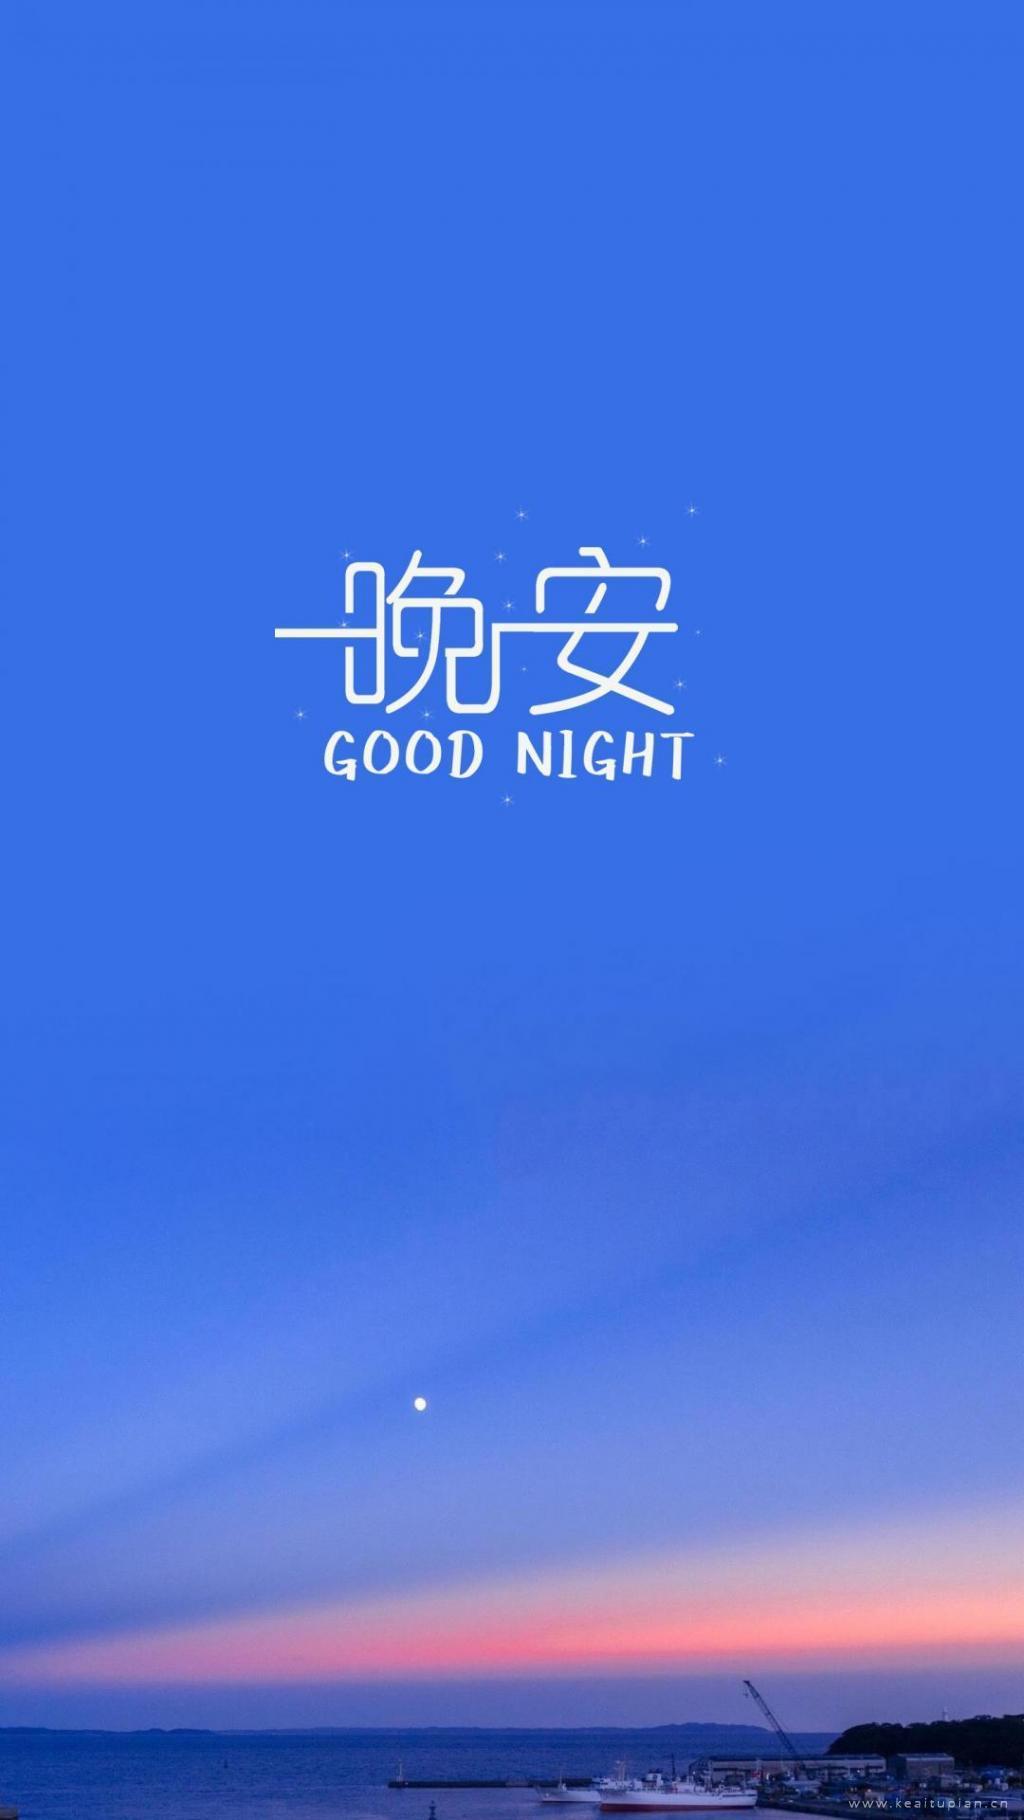 晚安唯美图片,美的像画一样的晚霞天空